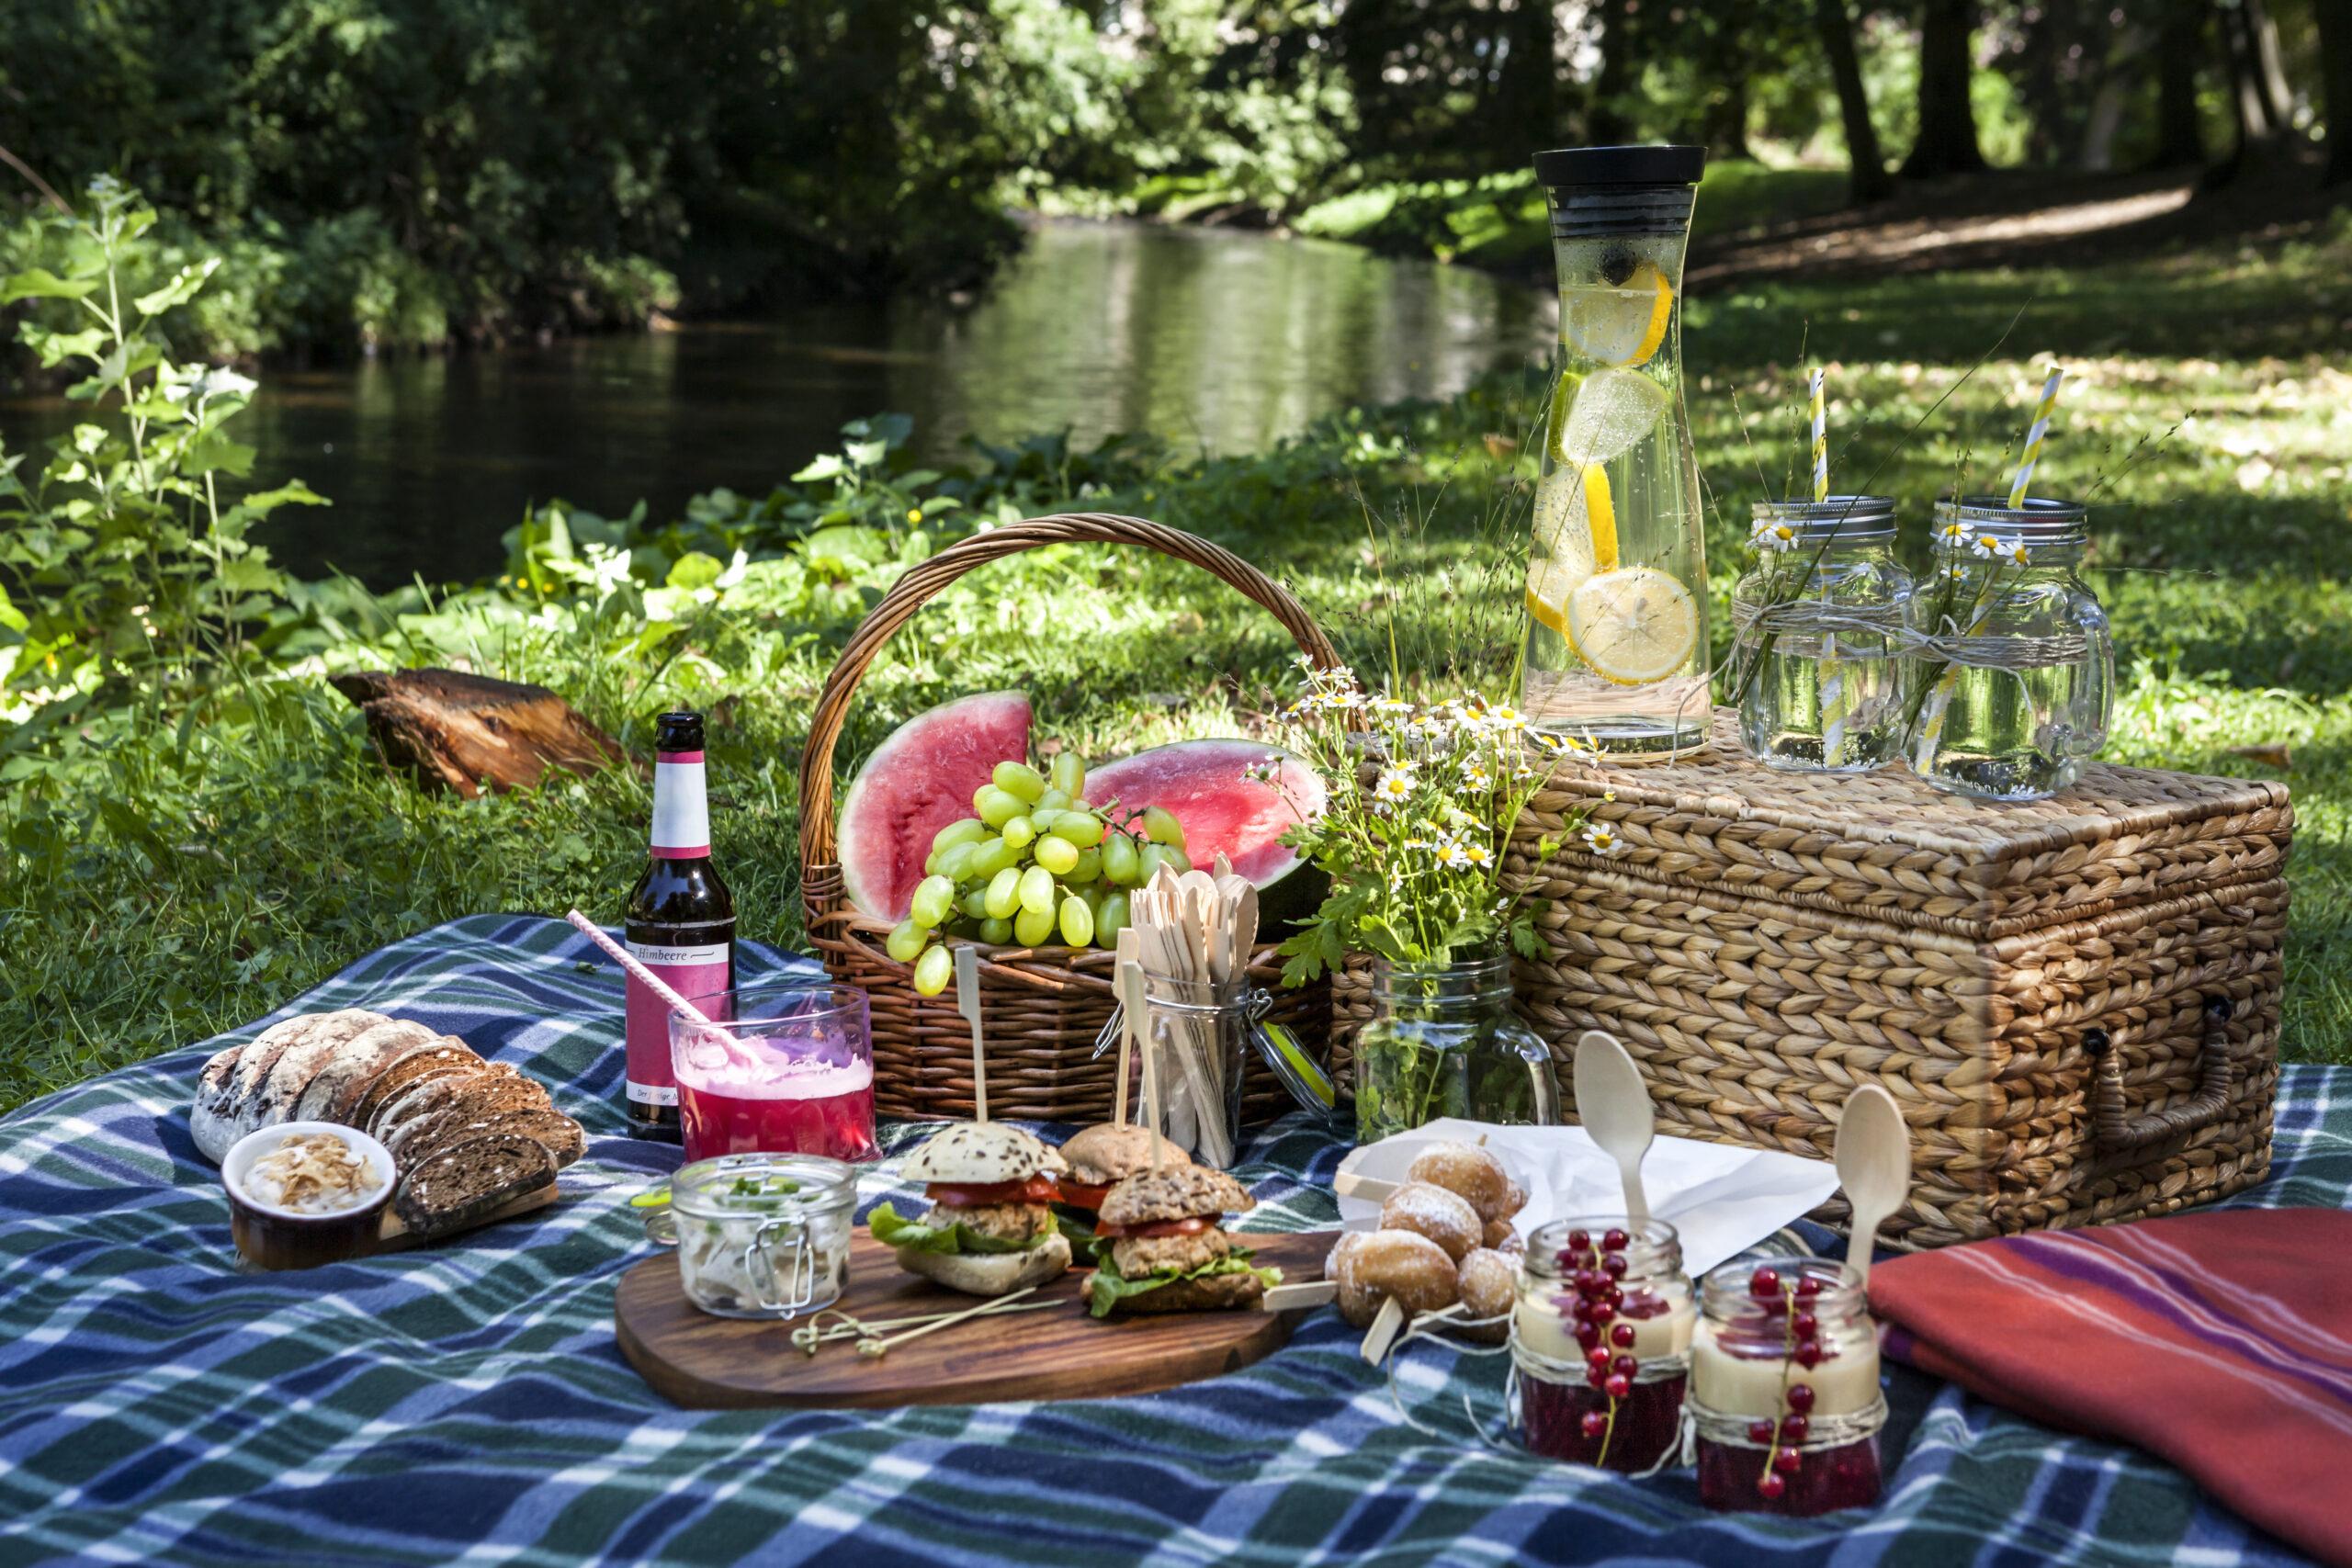 Ausflug: Picknickszene am Wasser